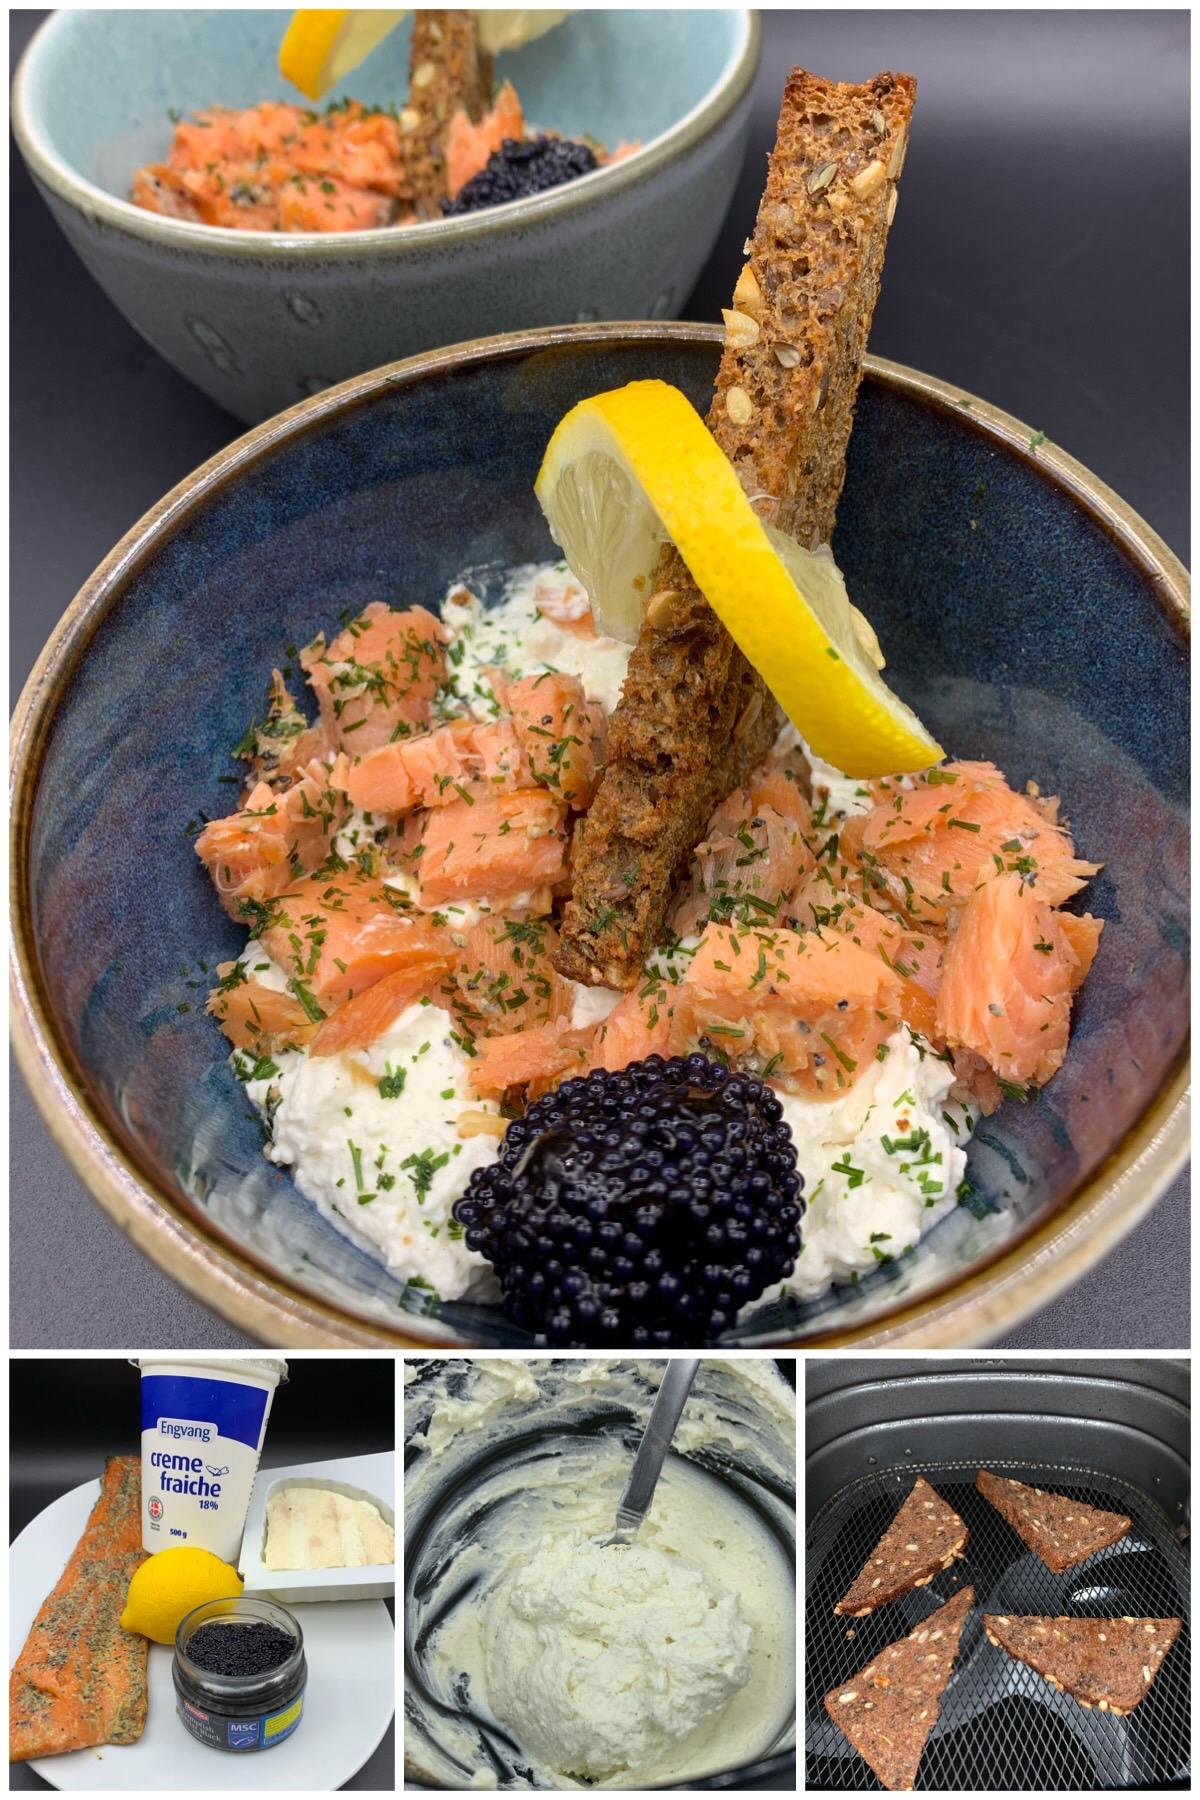 Ristede rugbrødstrekanter med røget laks, rygeostecreme og kaviar